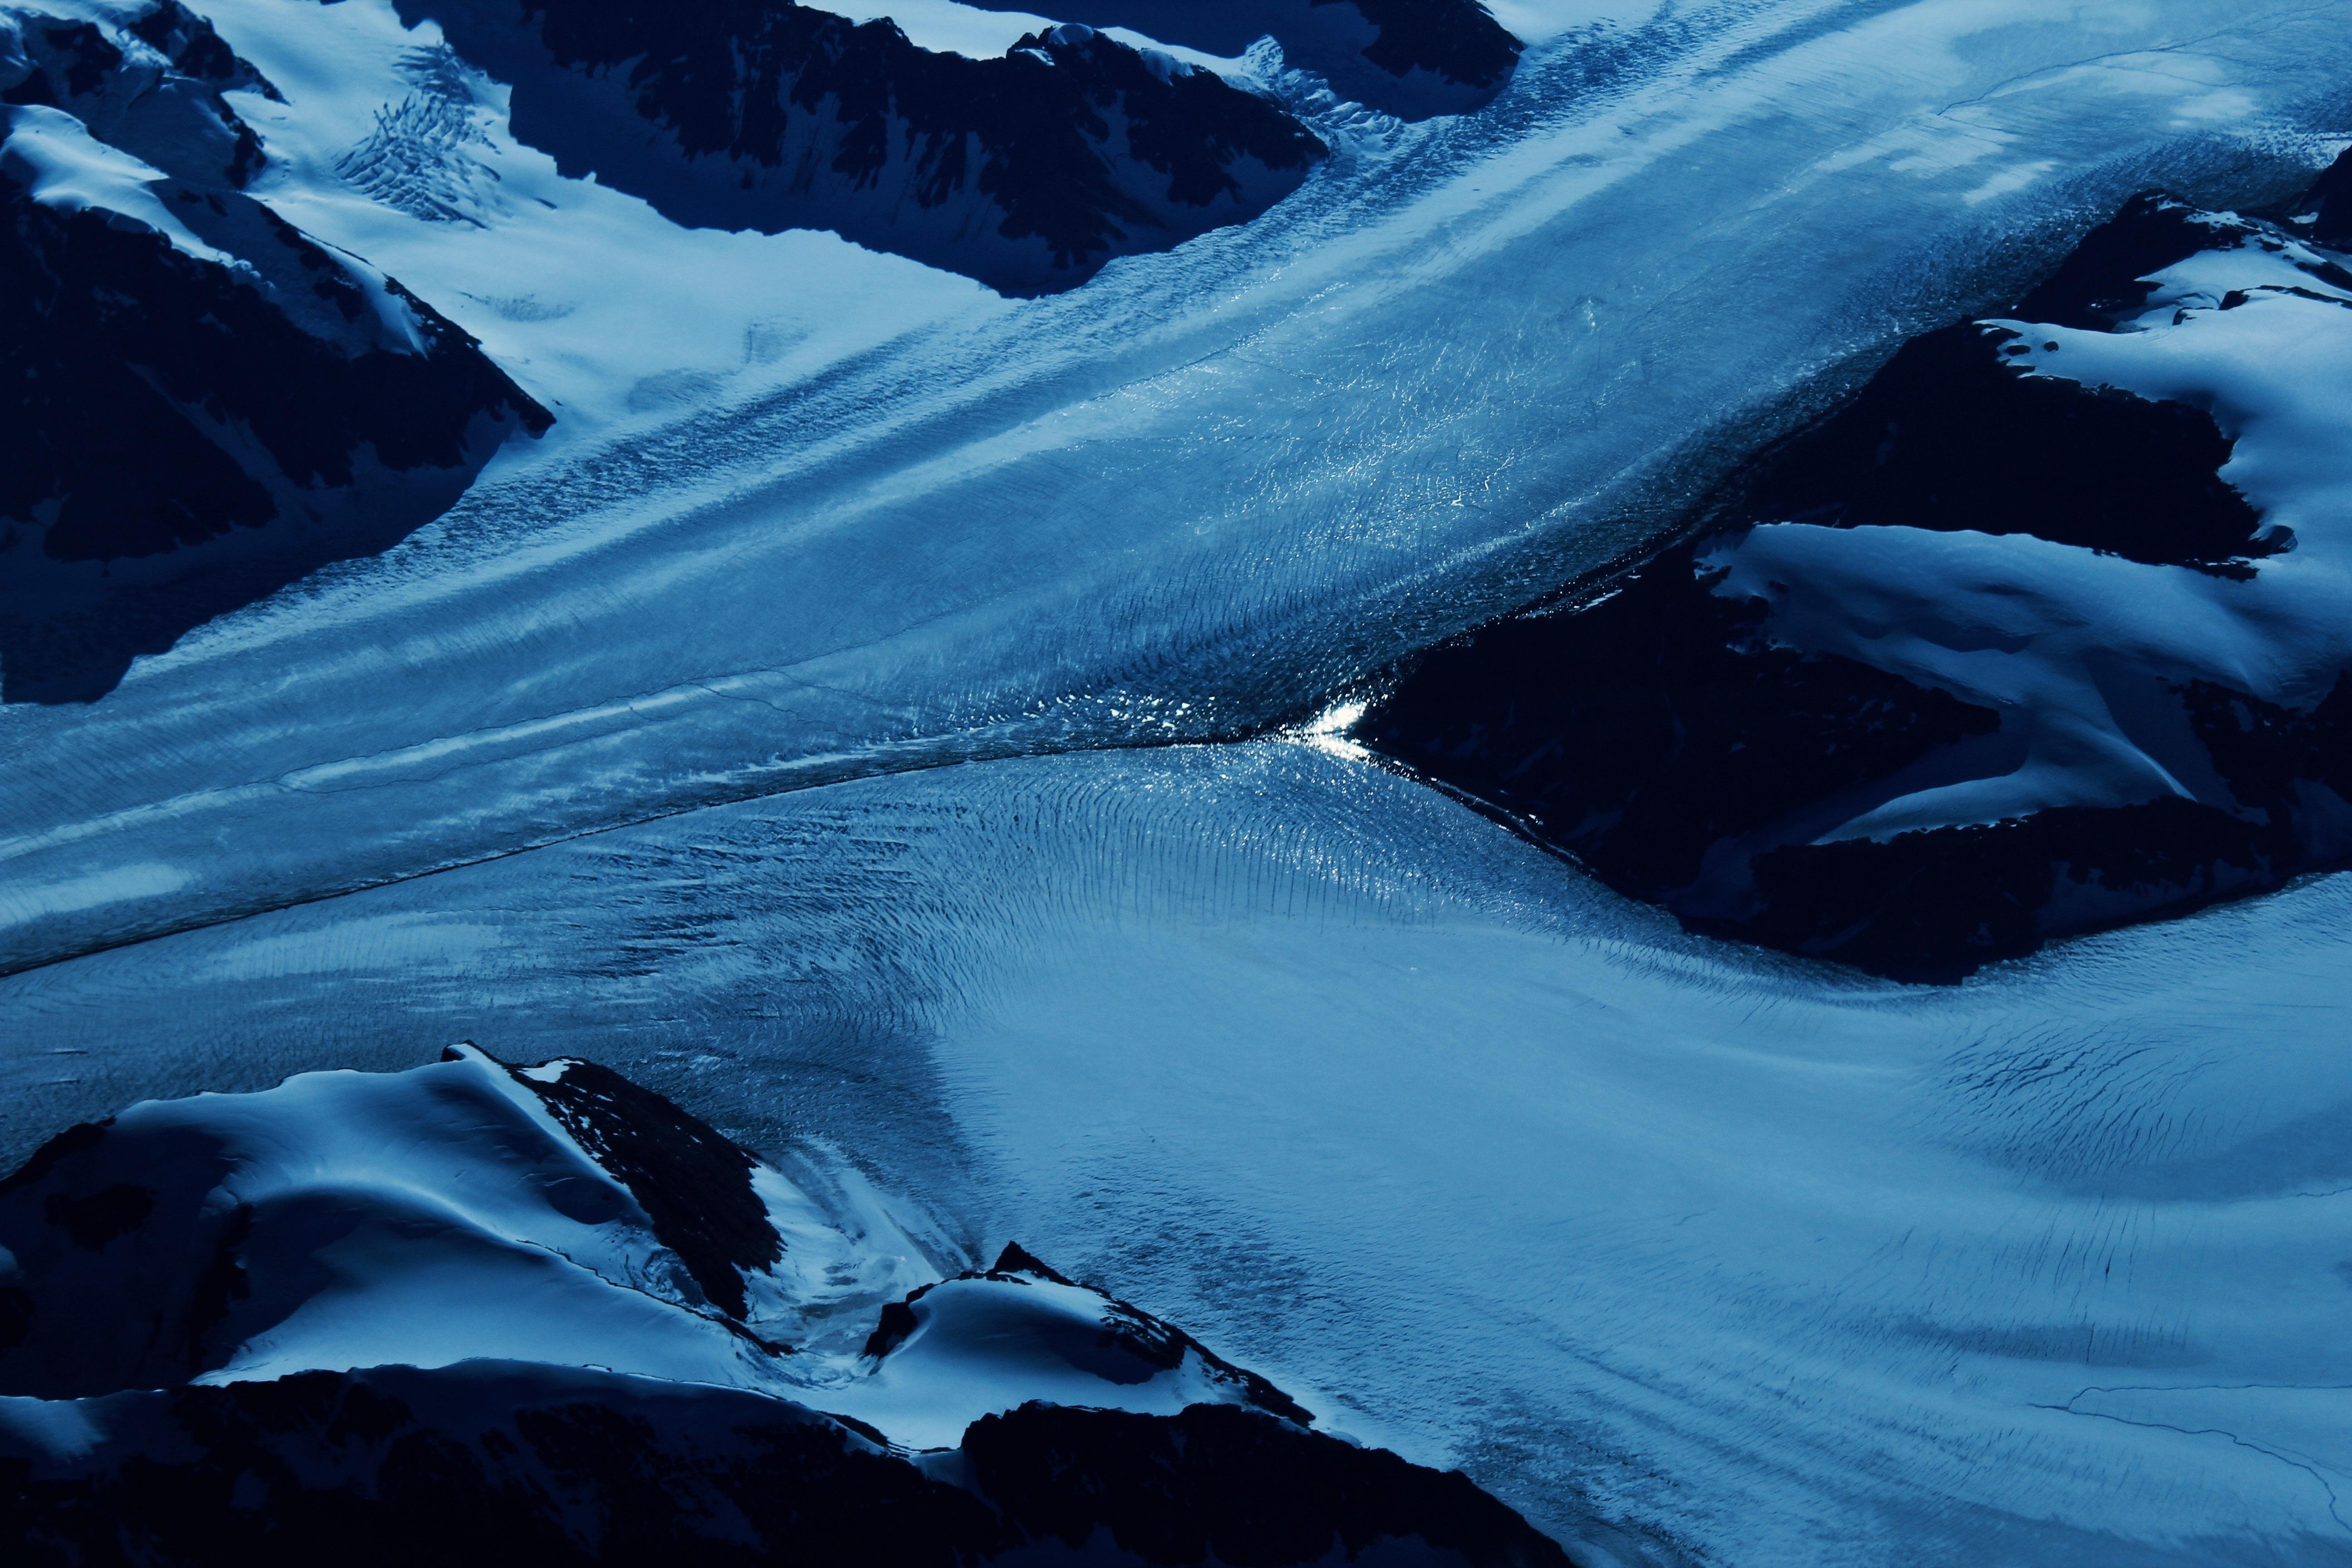 A photograph depicting a quite common frozen Greenlandic landscape.